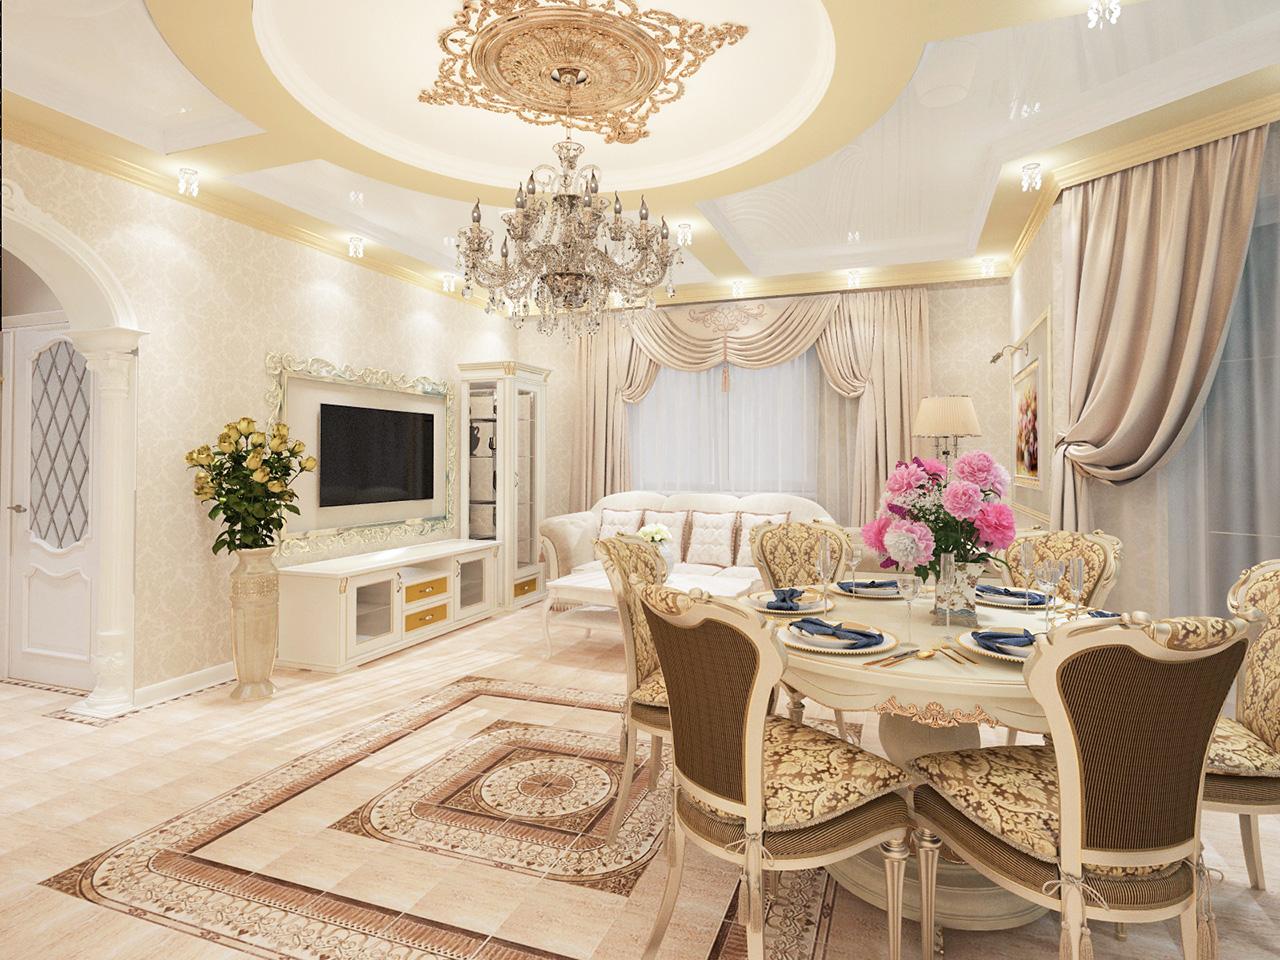 Дизайн интерьера дома в г. Островец Гродненской области